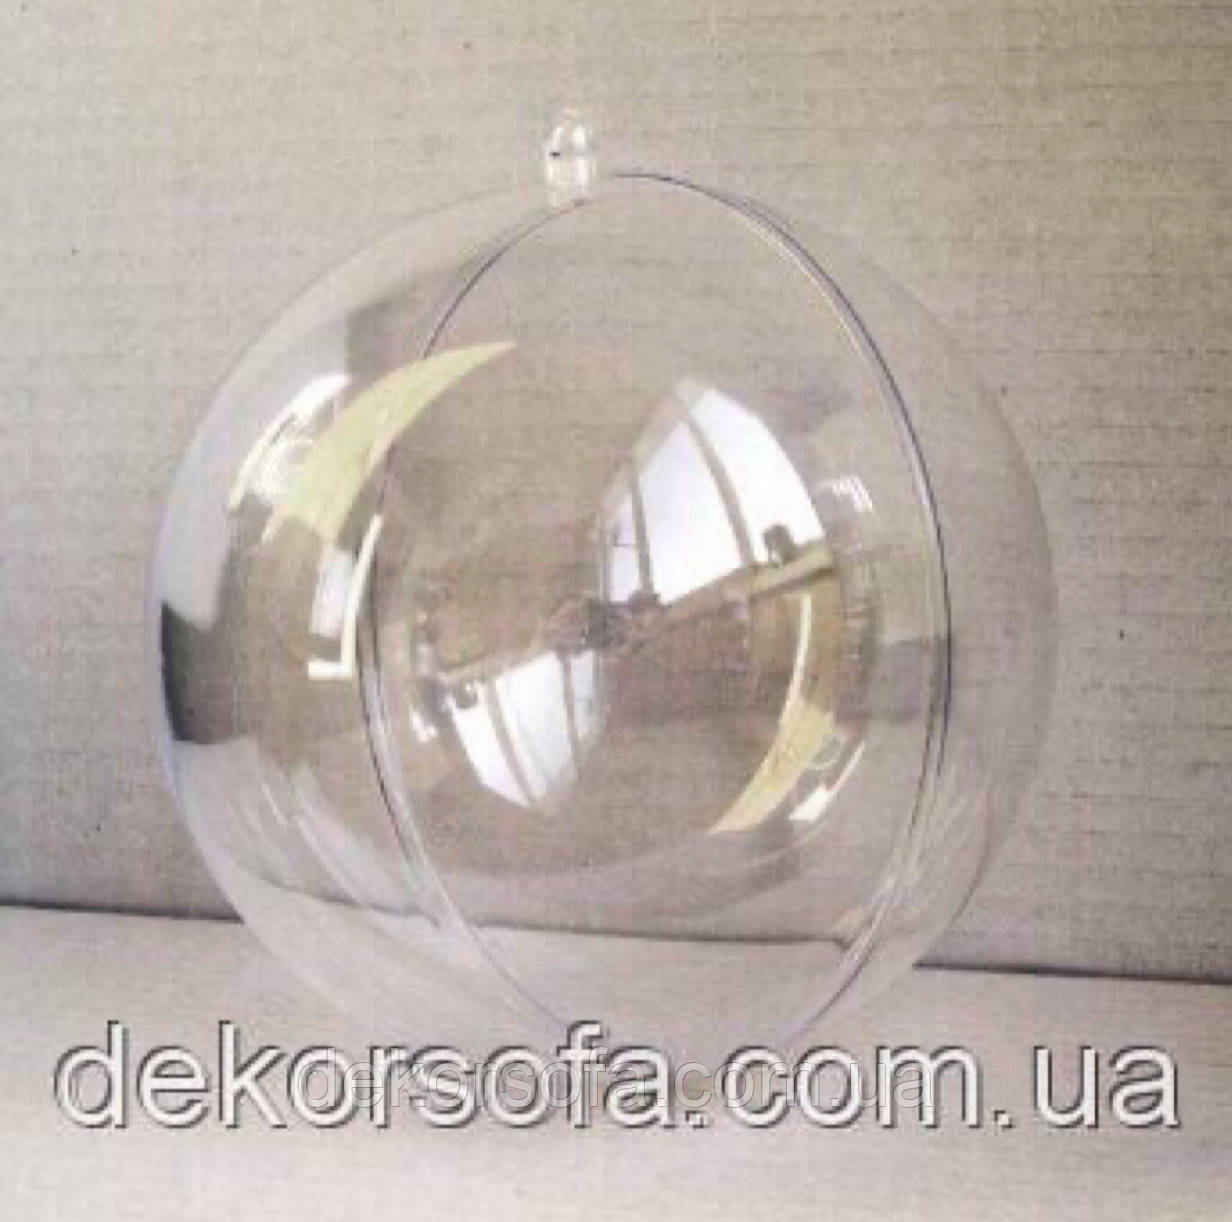 Большой пластиковый шар 50 см ткань брючная купить оптом